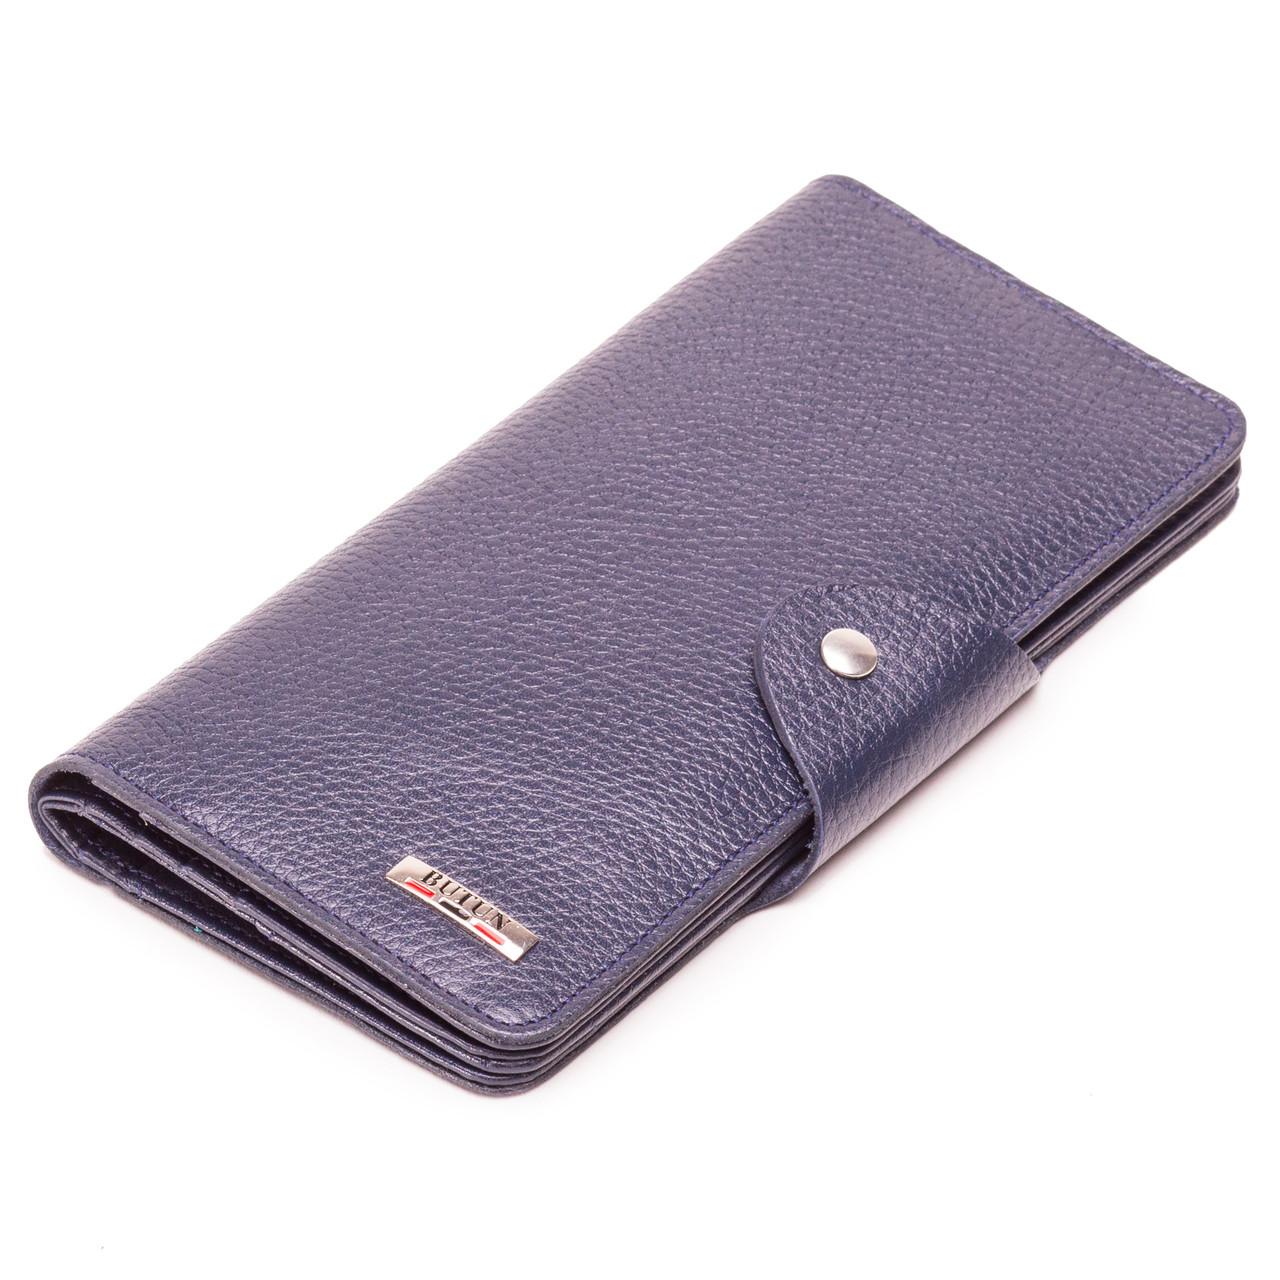 Мужской кошелек бумажник кожаный синий BUTUN 645-004-034